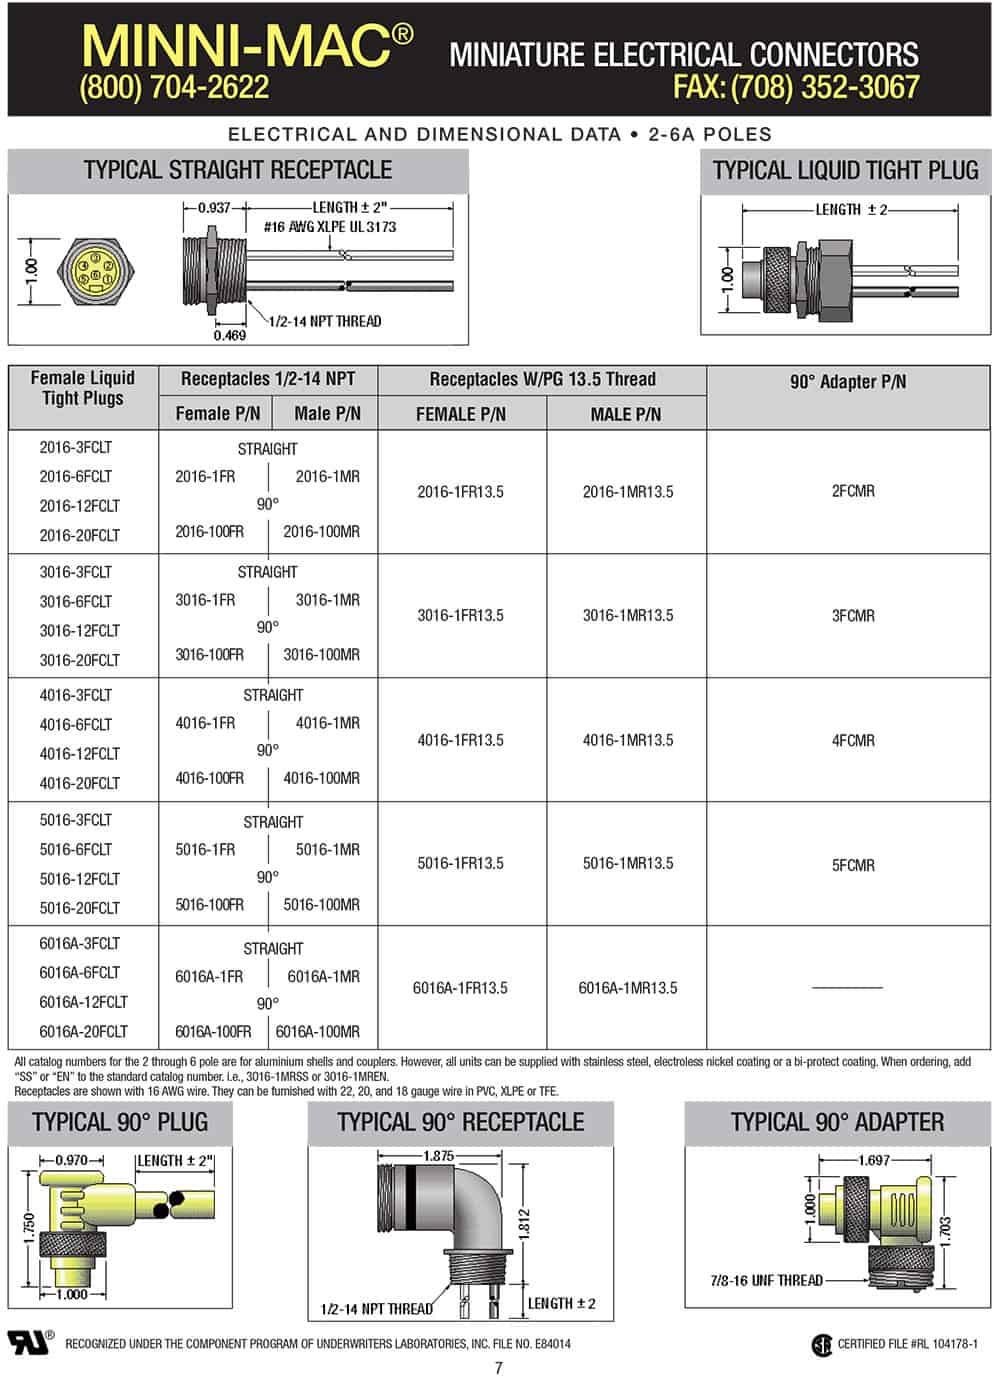 Minni Mac 2-6A pole connectors spec sheet